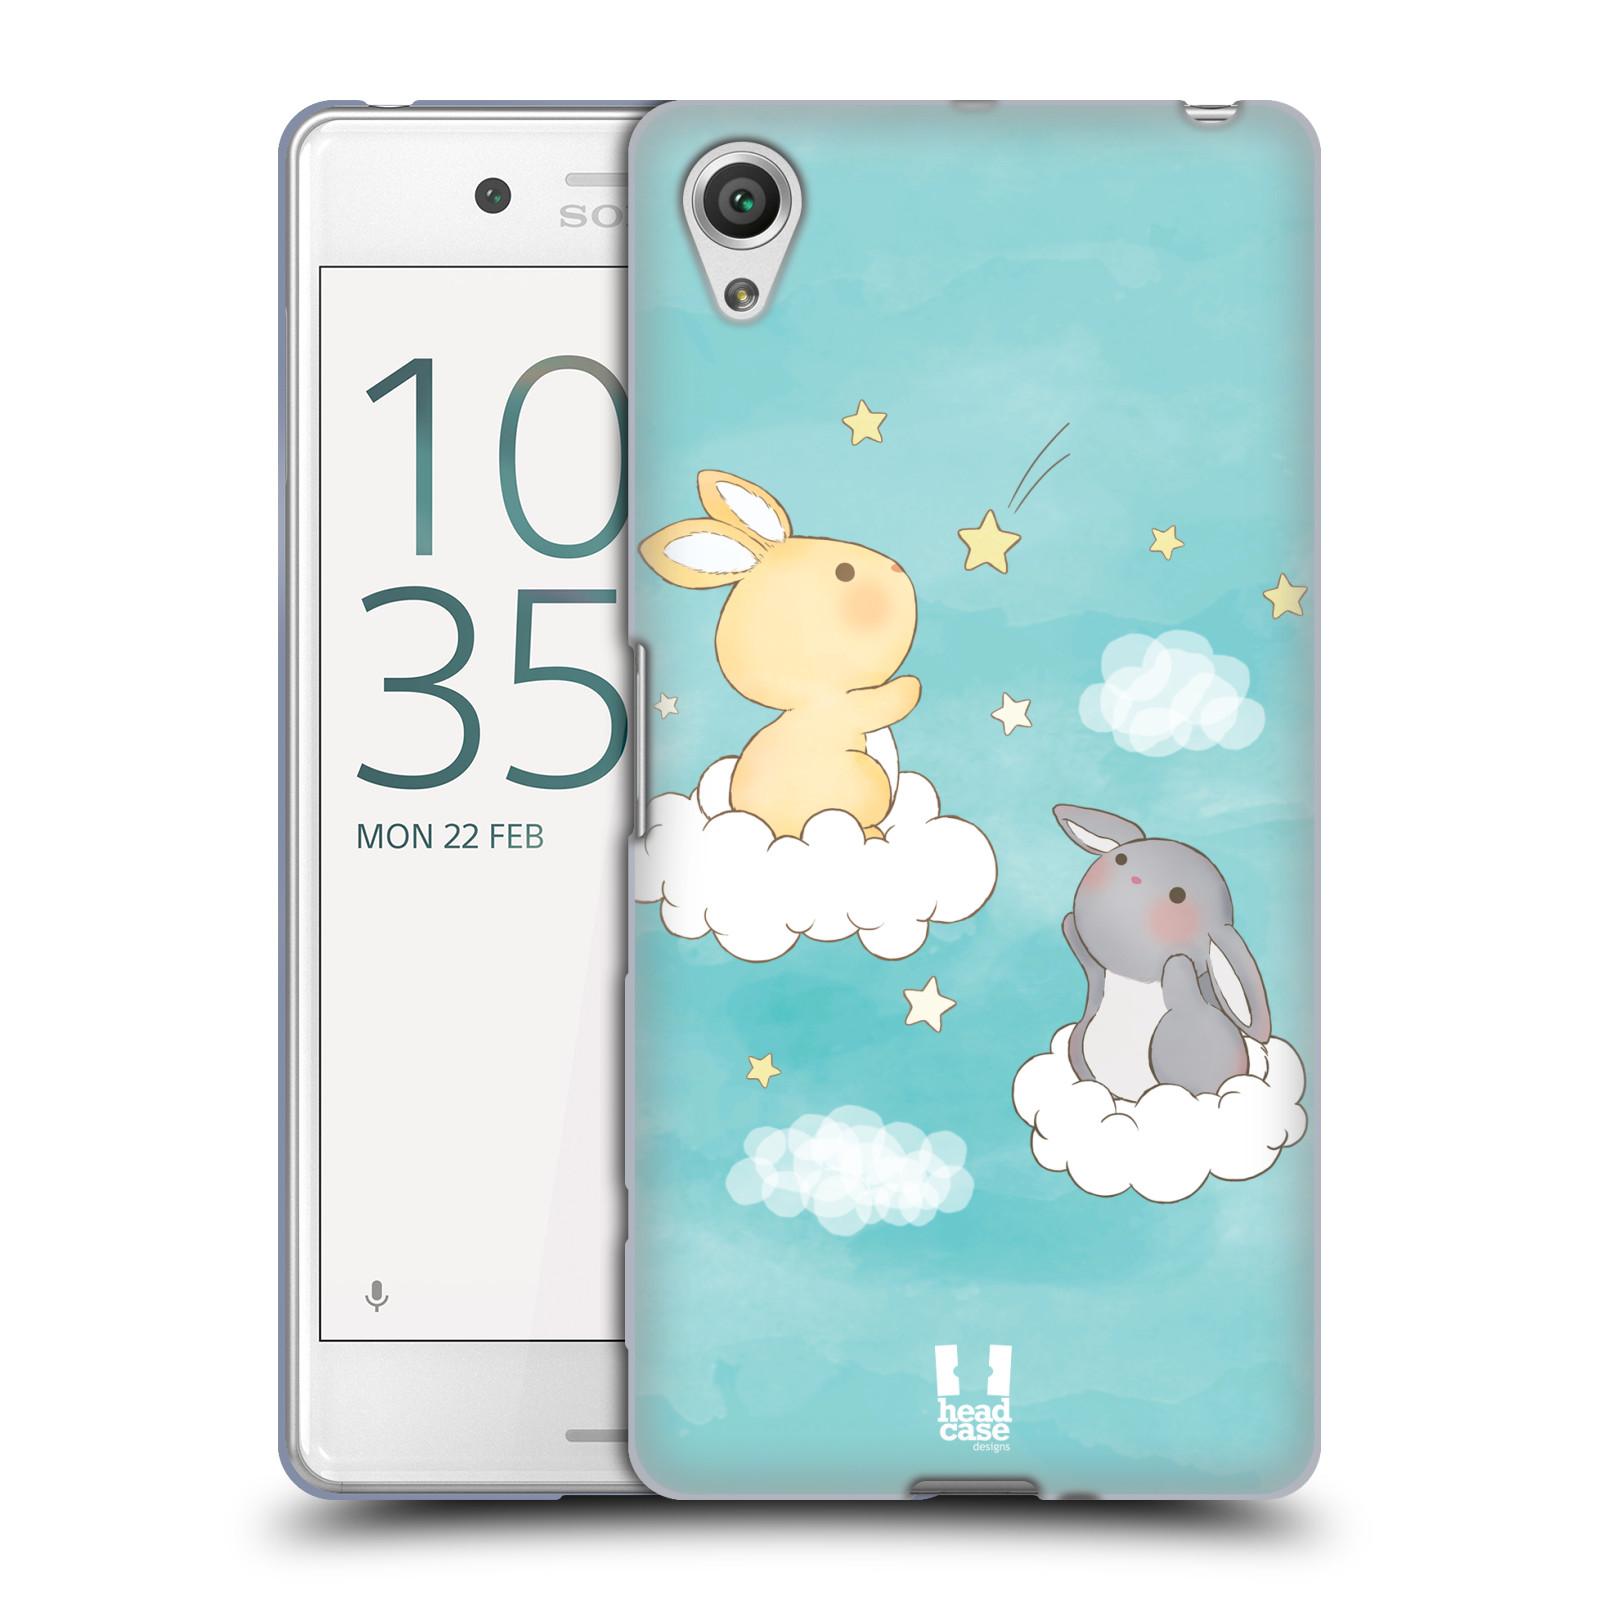 HEAD CASE silikonový obal na mobil Sony Xperia X PERFORMANCE (F8131, F8132) vzor králíček a hvězdy modrá